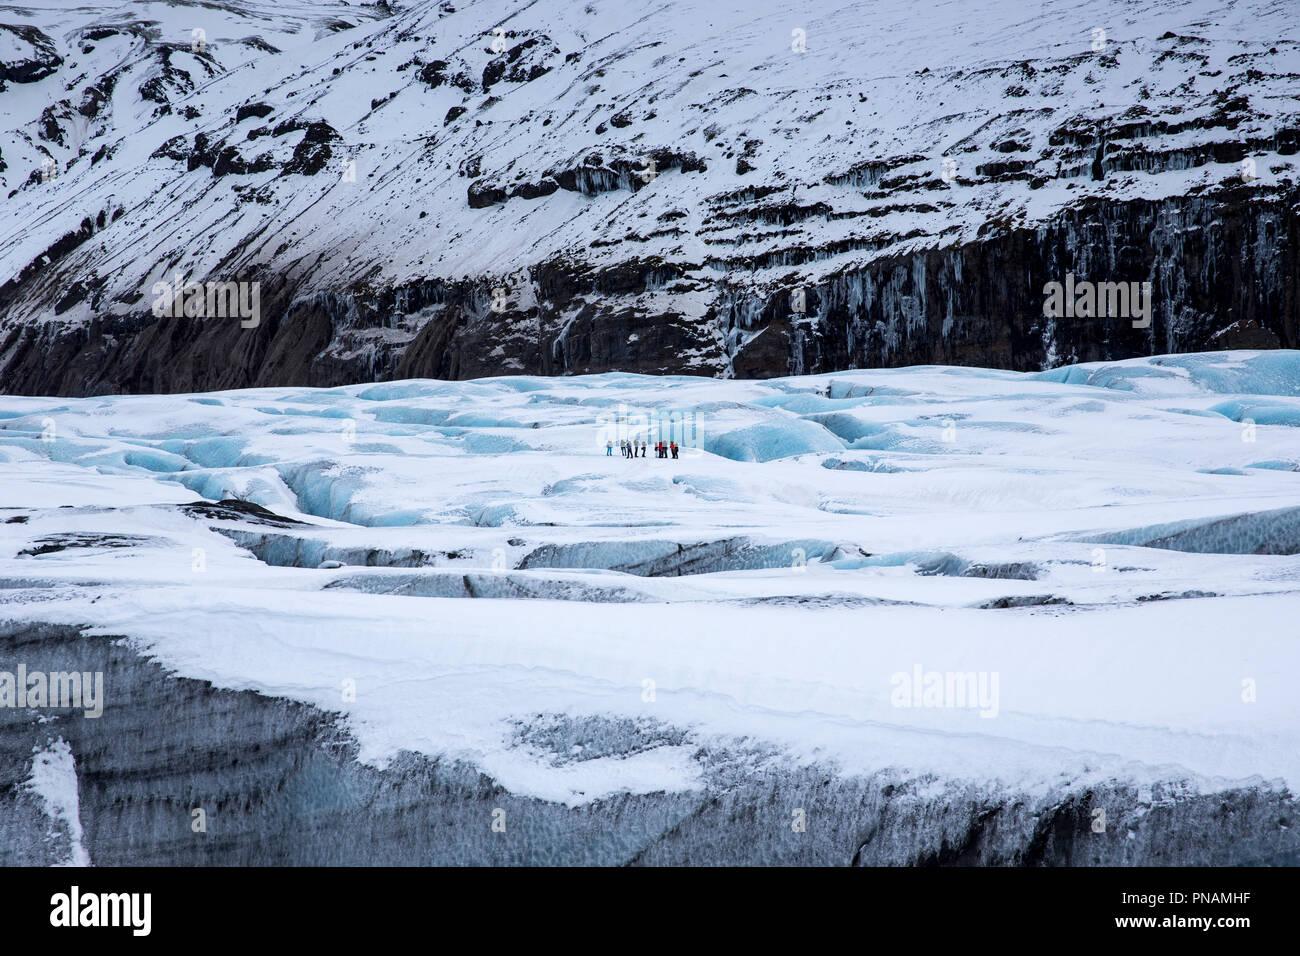 Group of tourists walking on adventure trek on Svinafellsjokull glacier an outlet glacier of Vatnajokull, South Iceland - Stock Image